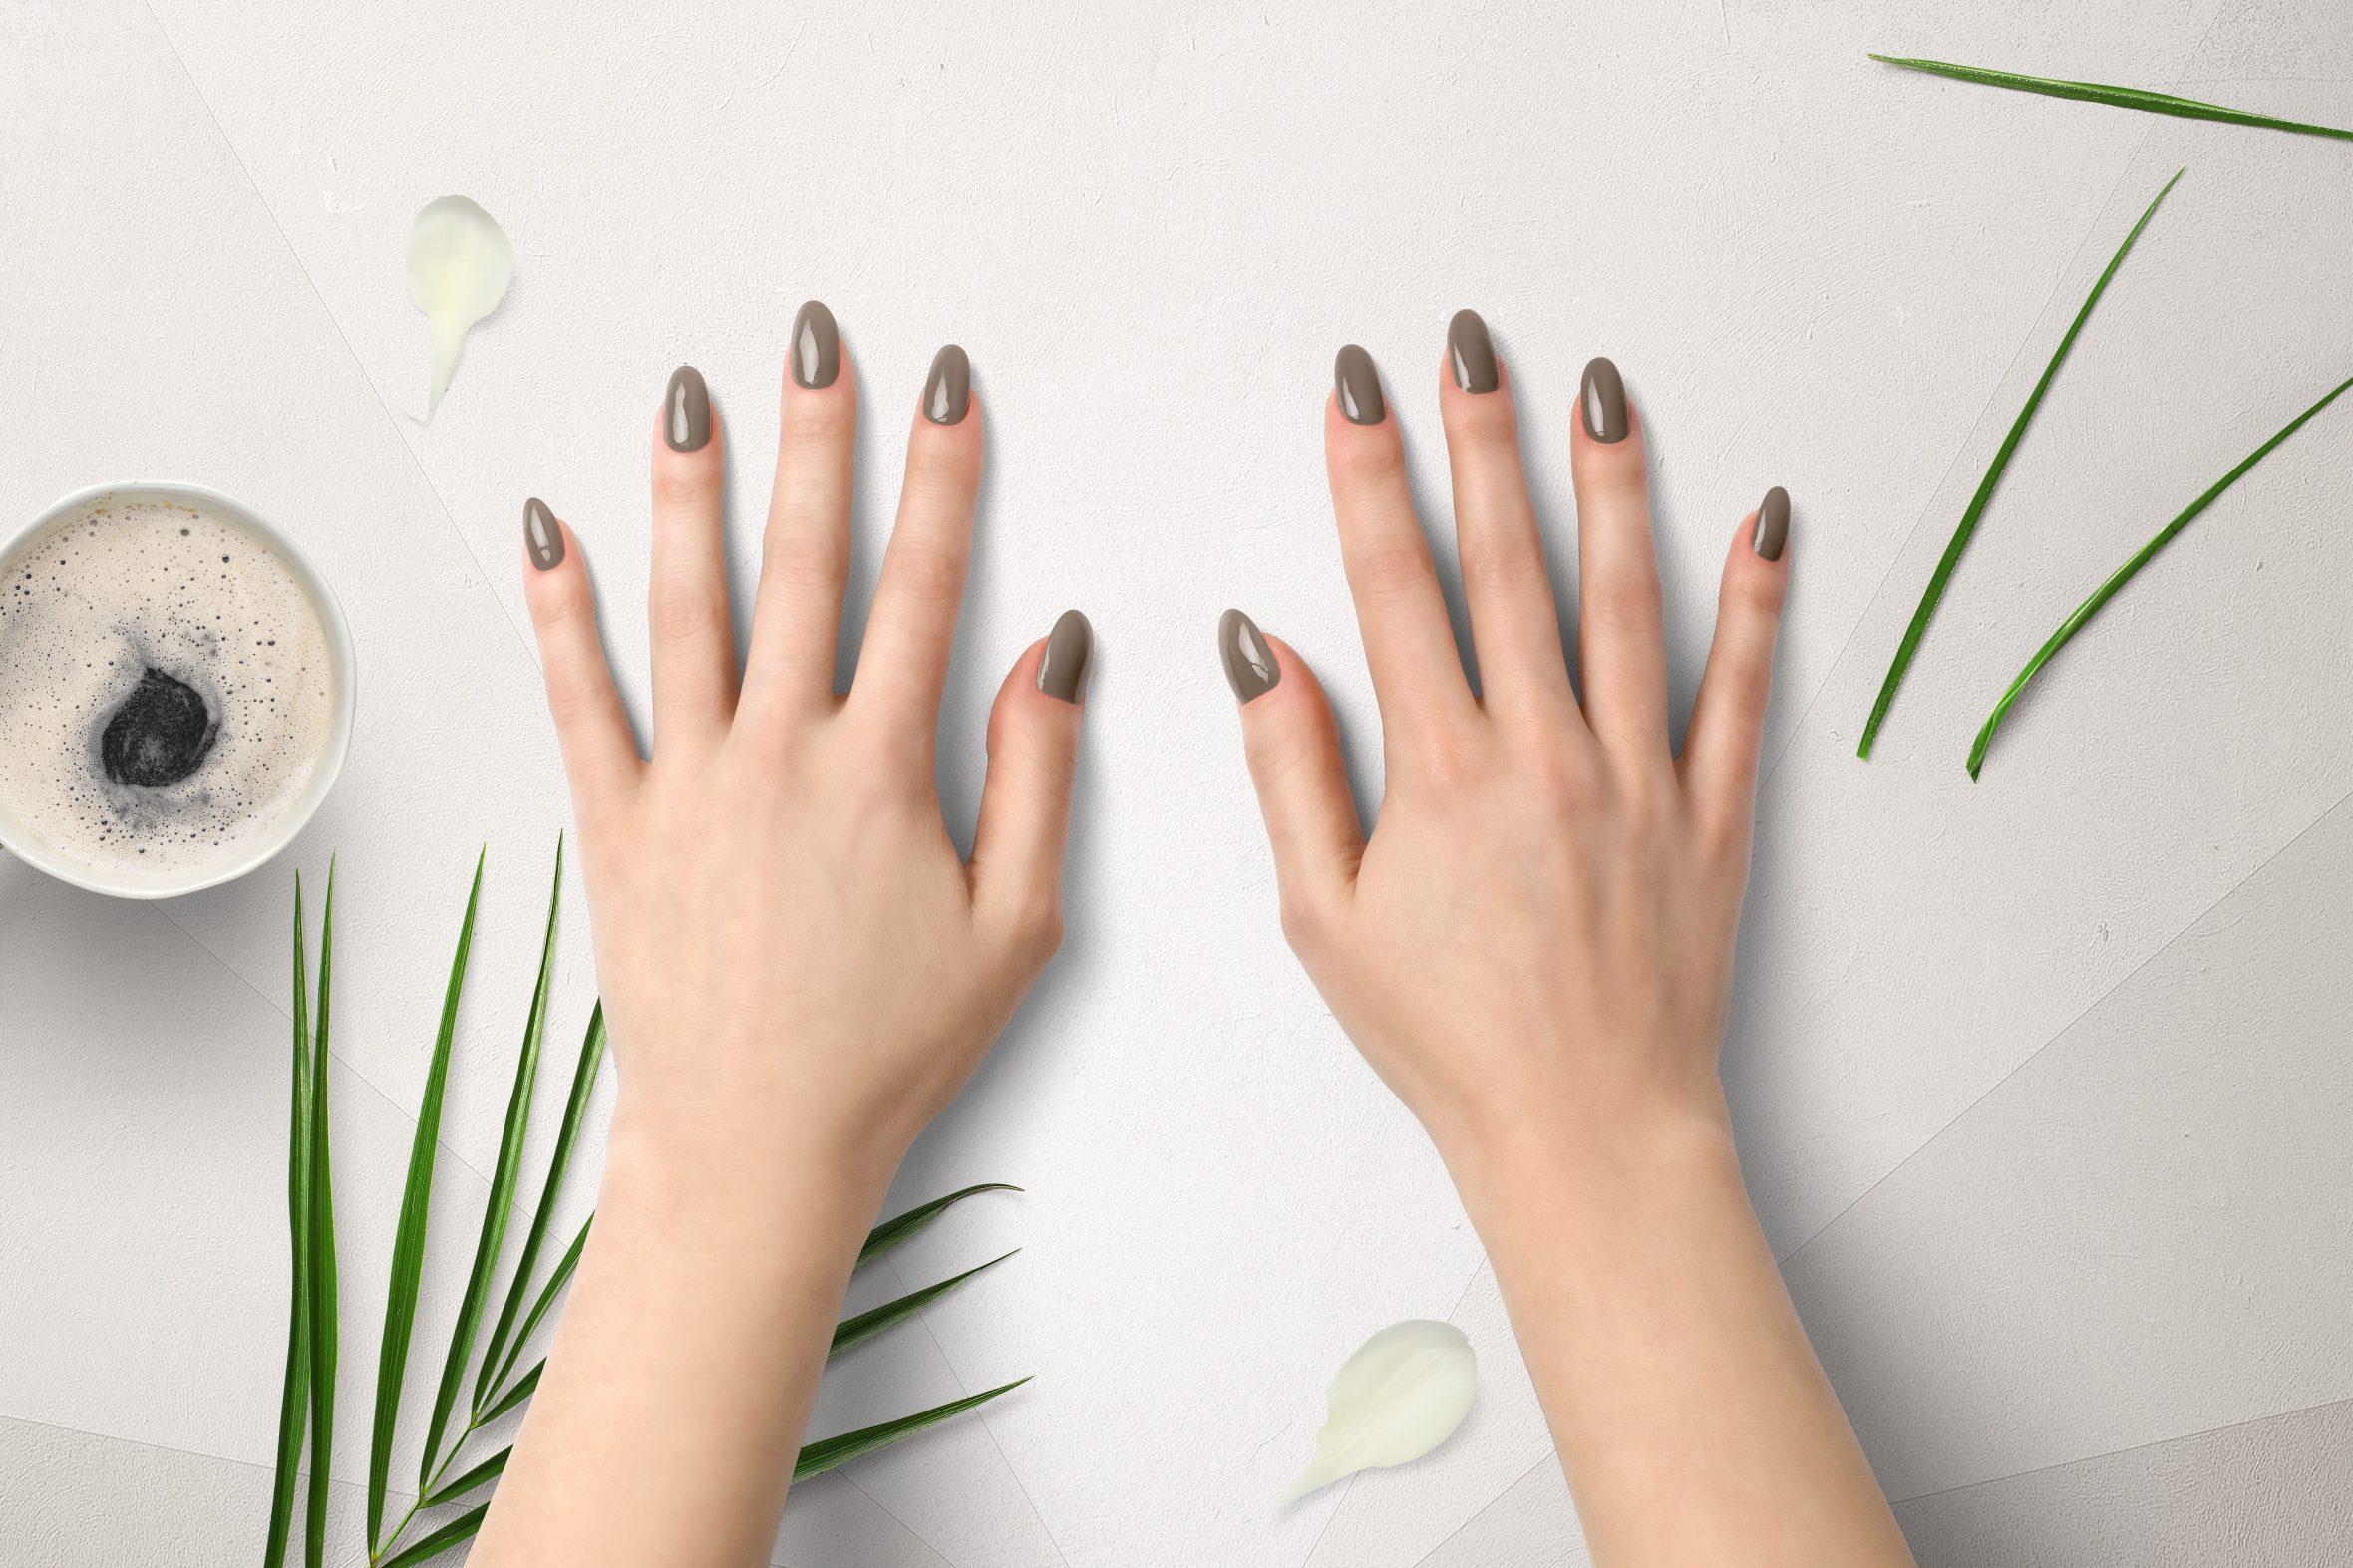 Nagellak kleur bruin kleurnummer 11 uit nagellak collectie